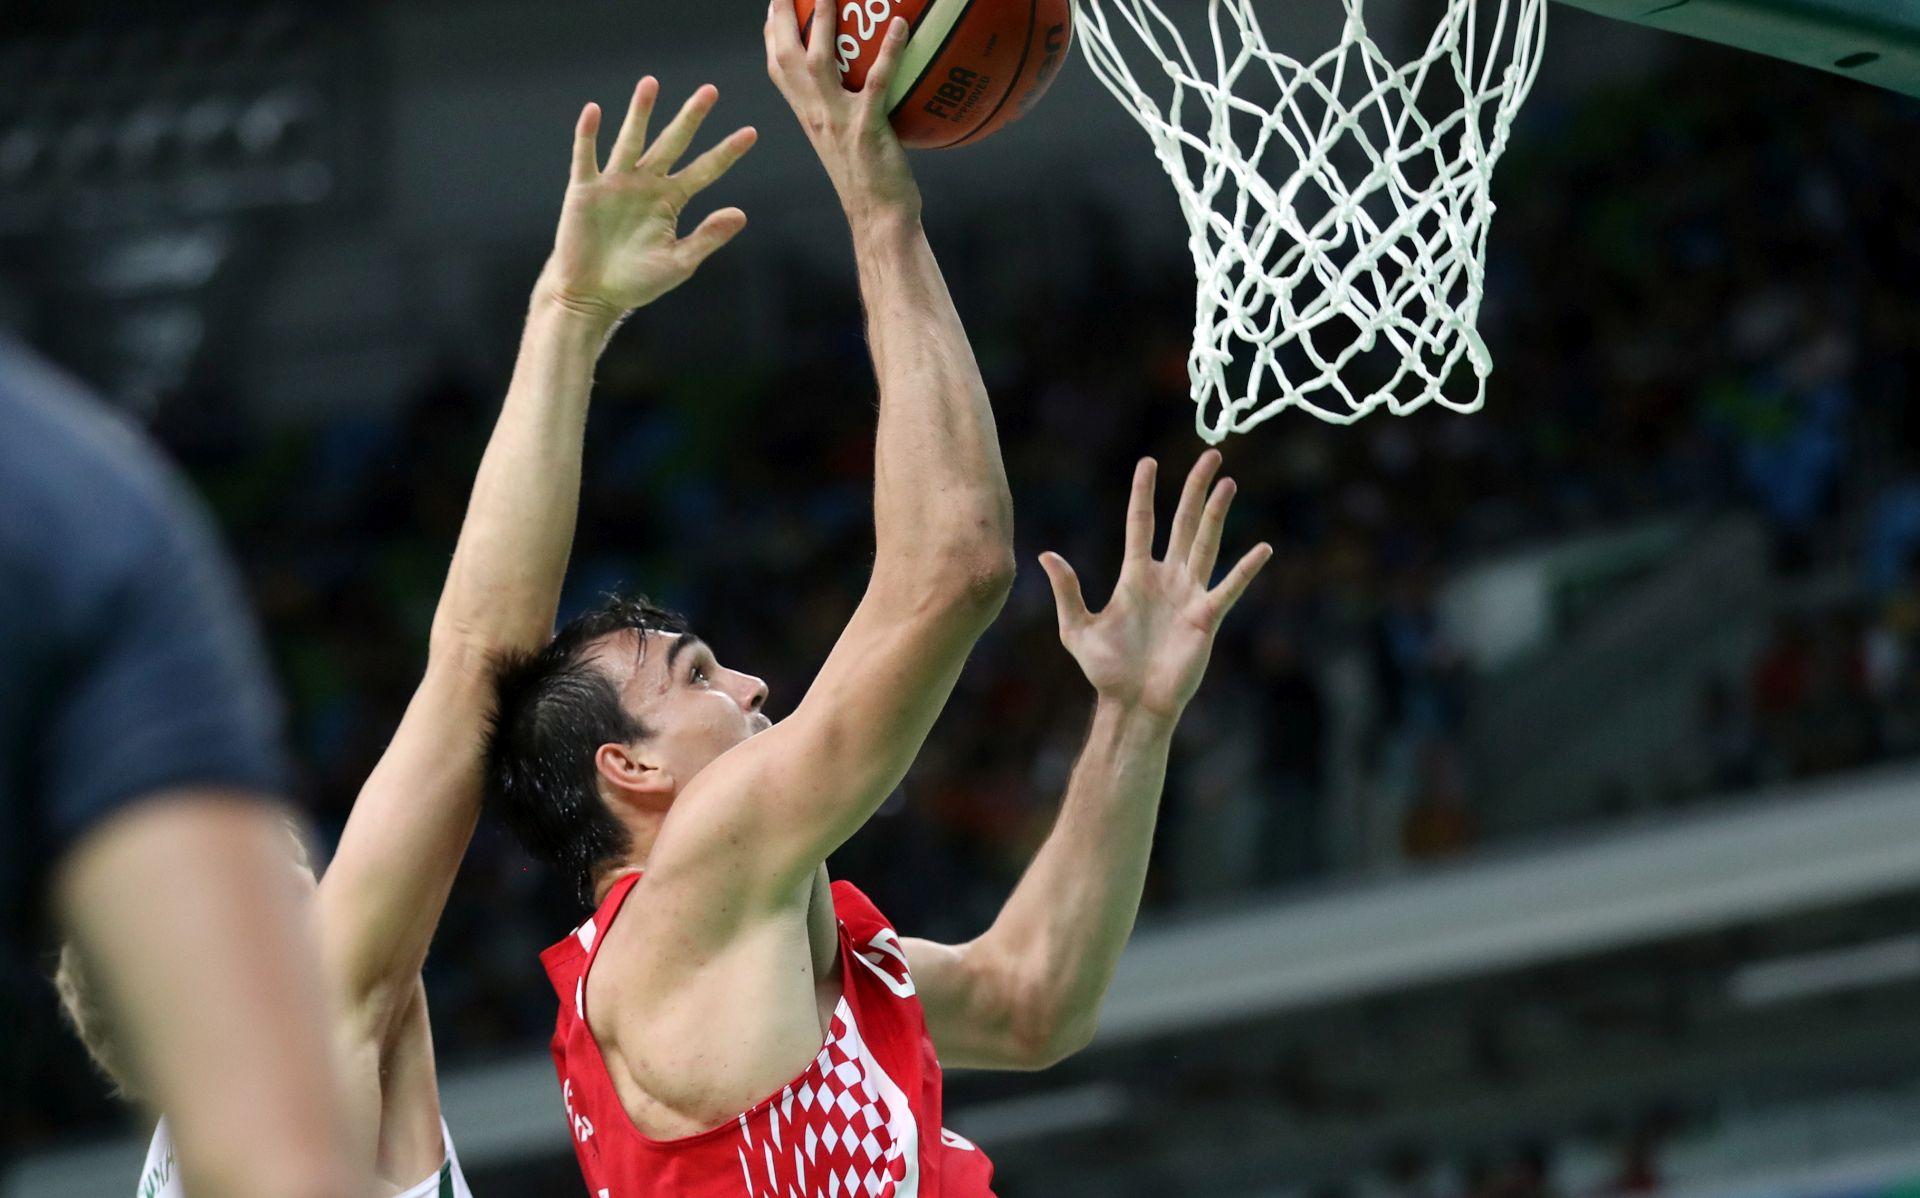 NBA: Porazi klubova hrvatskih košarkaša, solidan učinak Bogdanovića i Šarića